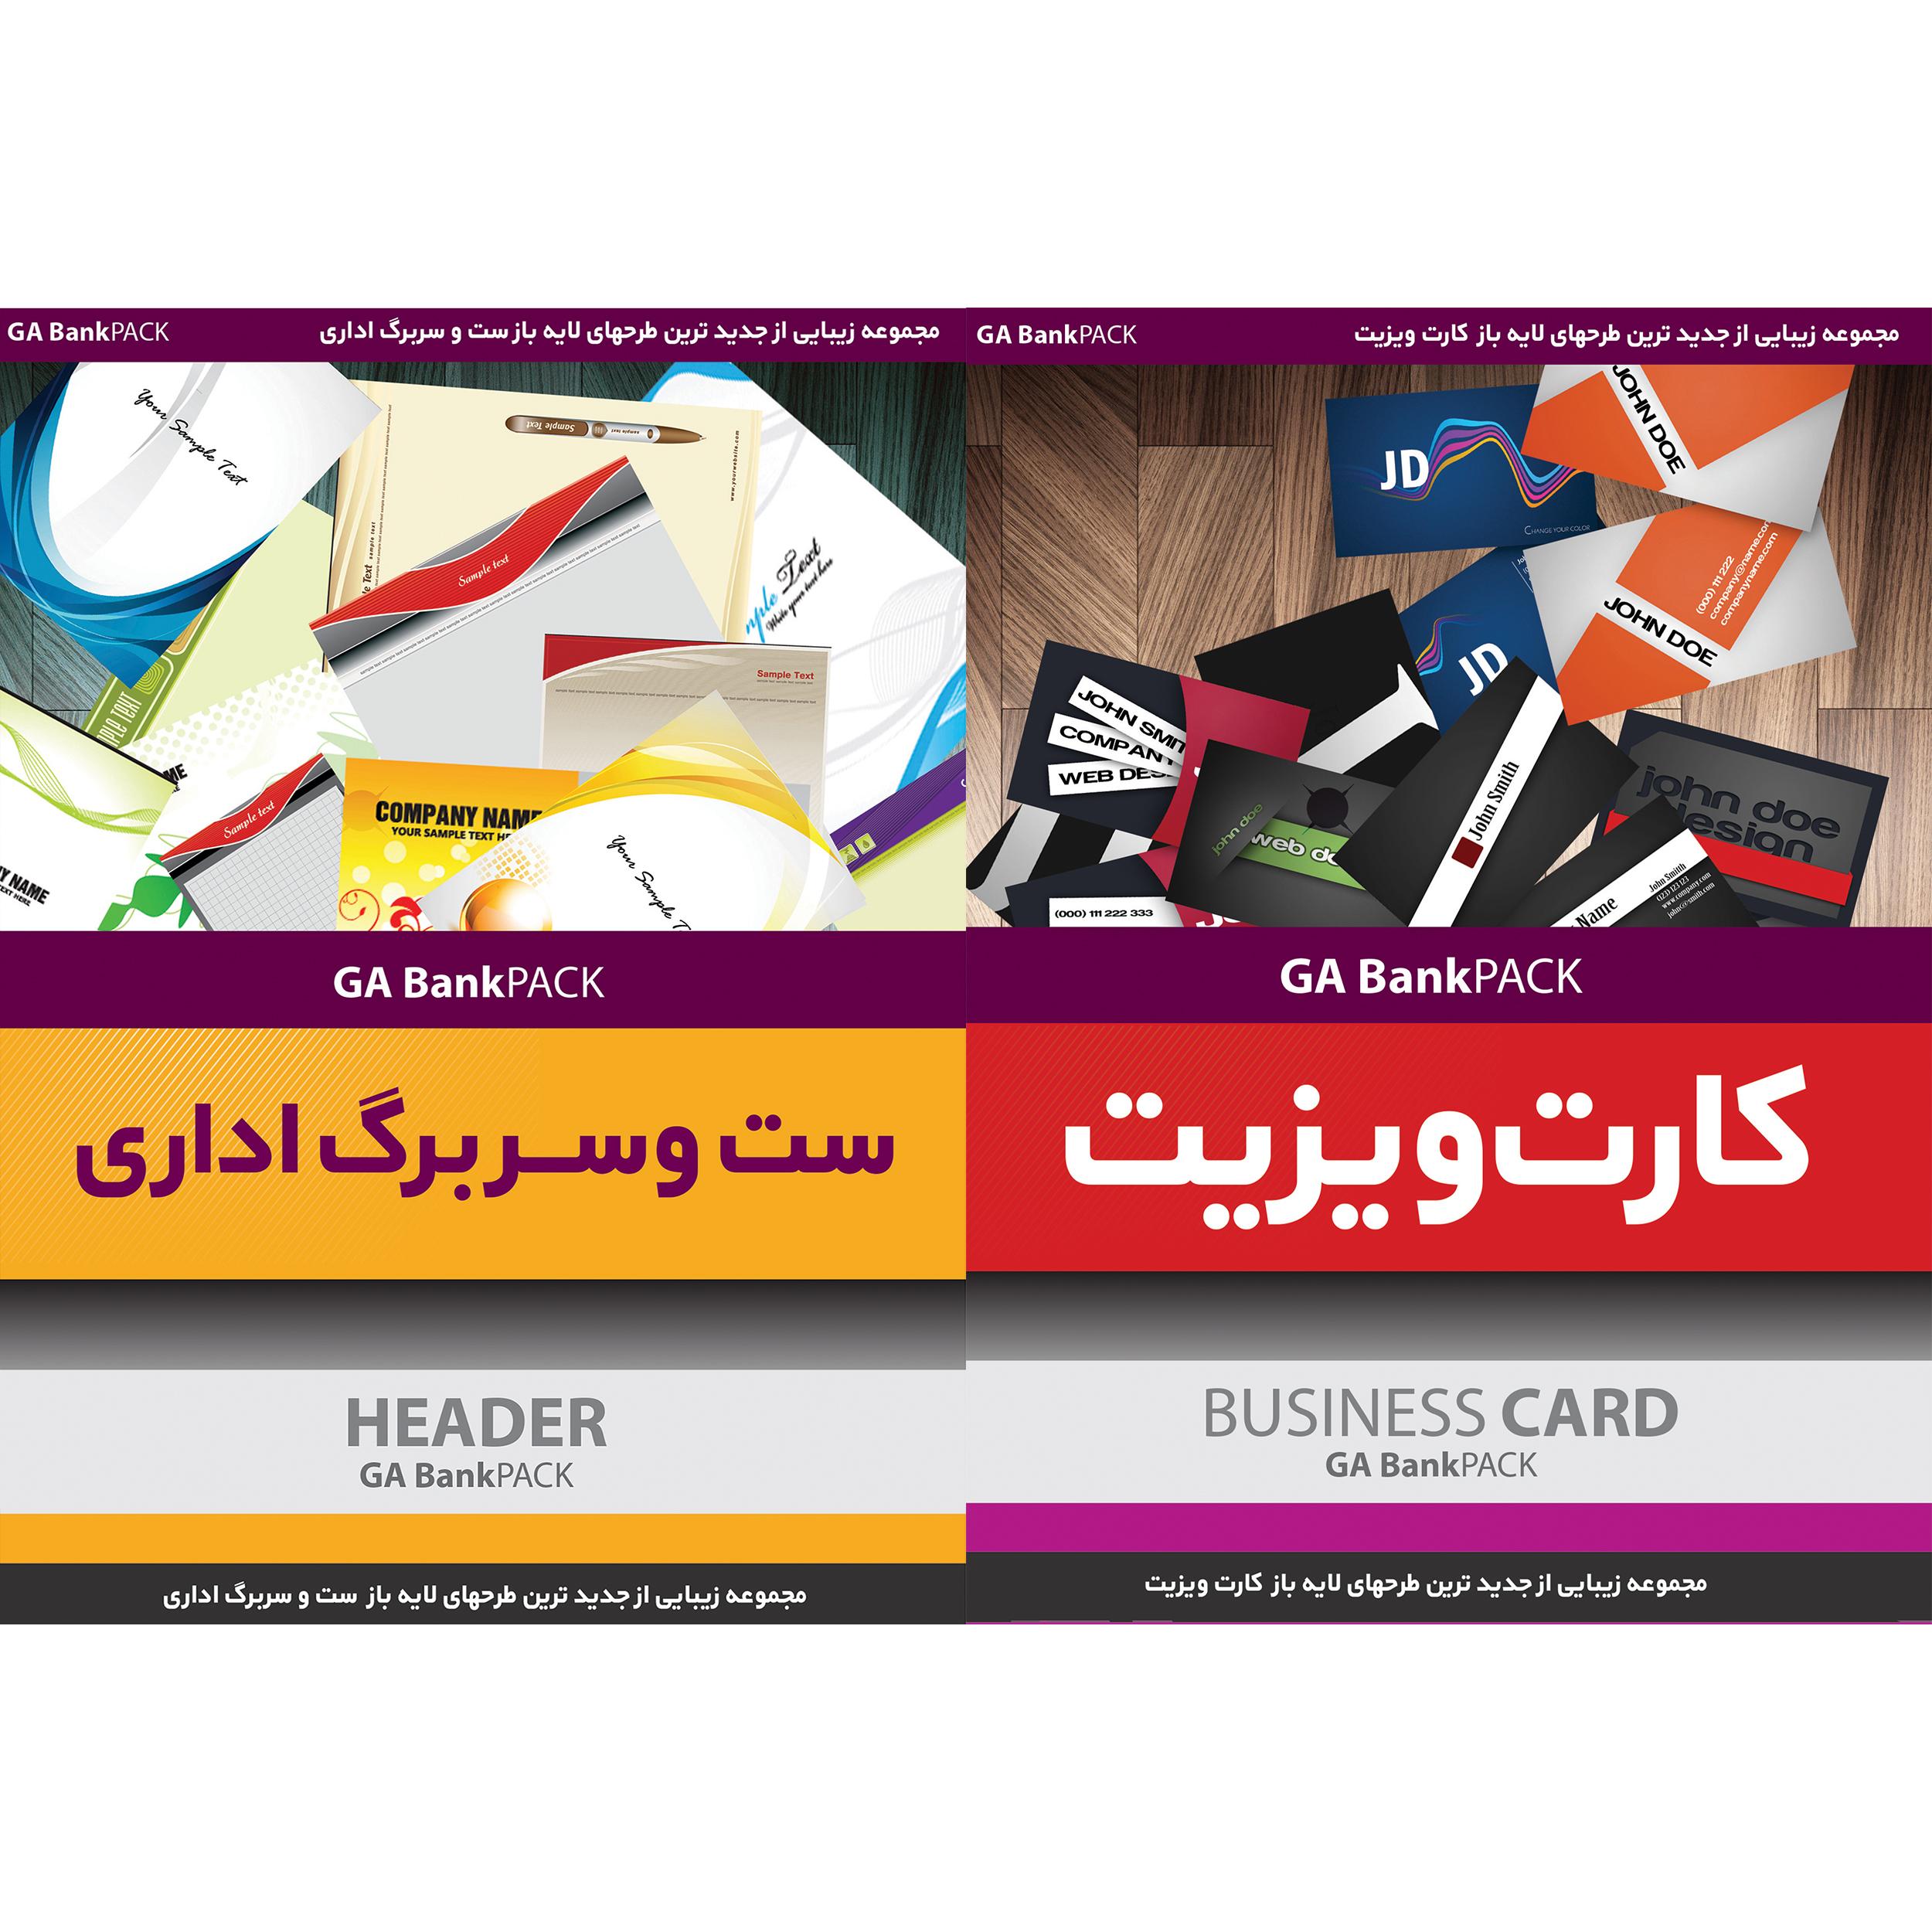 مجموعه طرح های لایه باز کارت ویزیت نشر جی ای بانک به همراه مجموعه طرح های لایه باز ست و سربرگ اداری نشر جی ای بانک